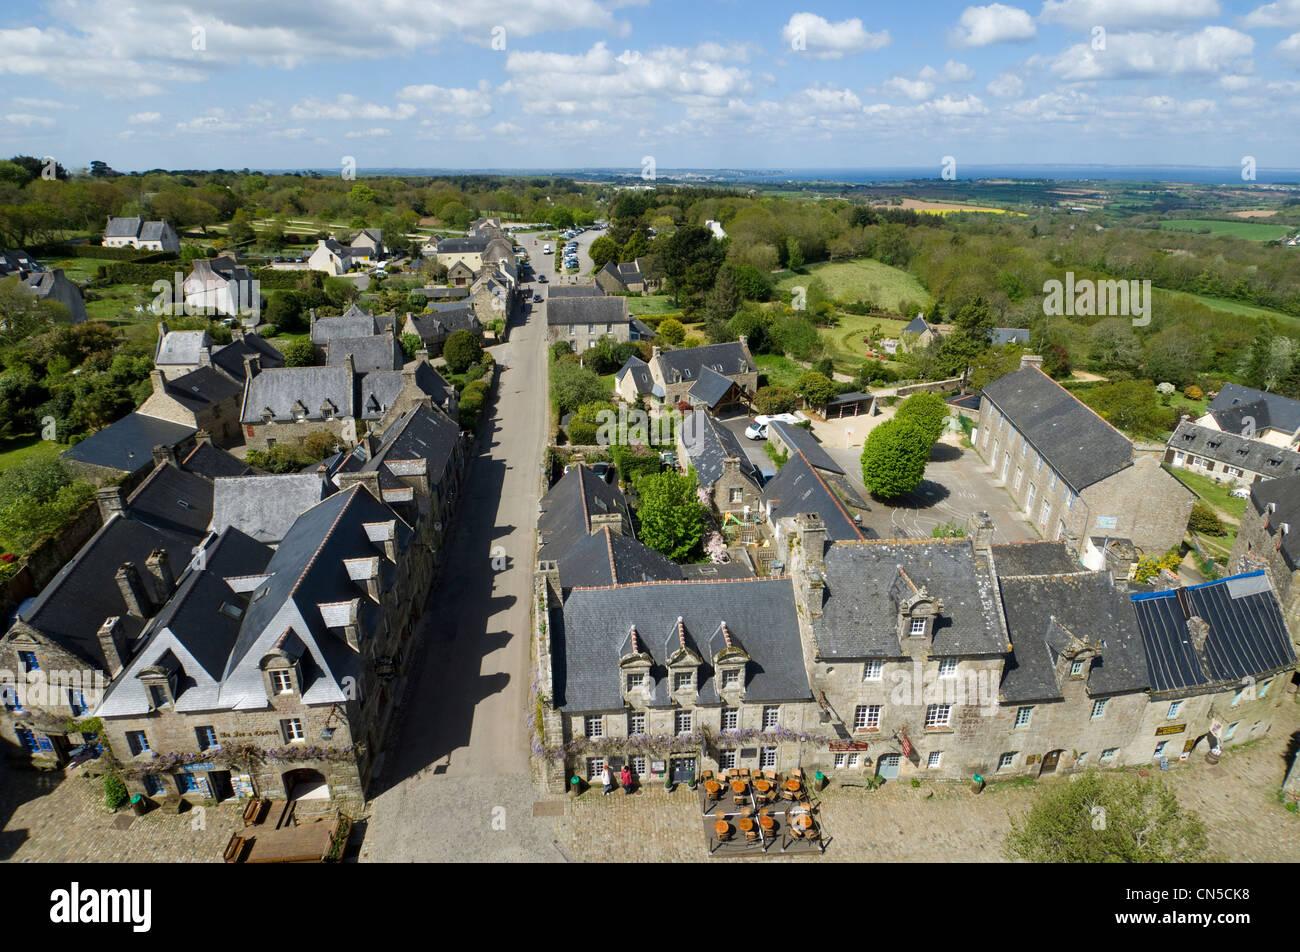 Francia, Finisterre, Locronan, etiquetados Les Plus Beaux aldeas de France (Los pueblos más bellos de Francia). Foto de stock